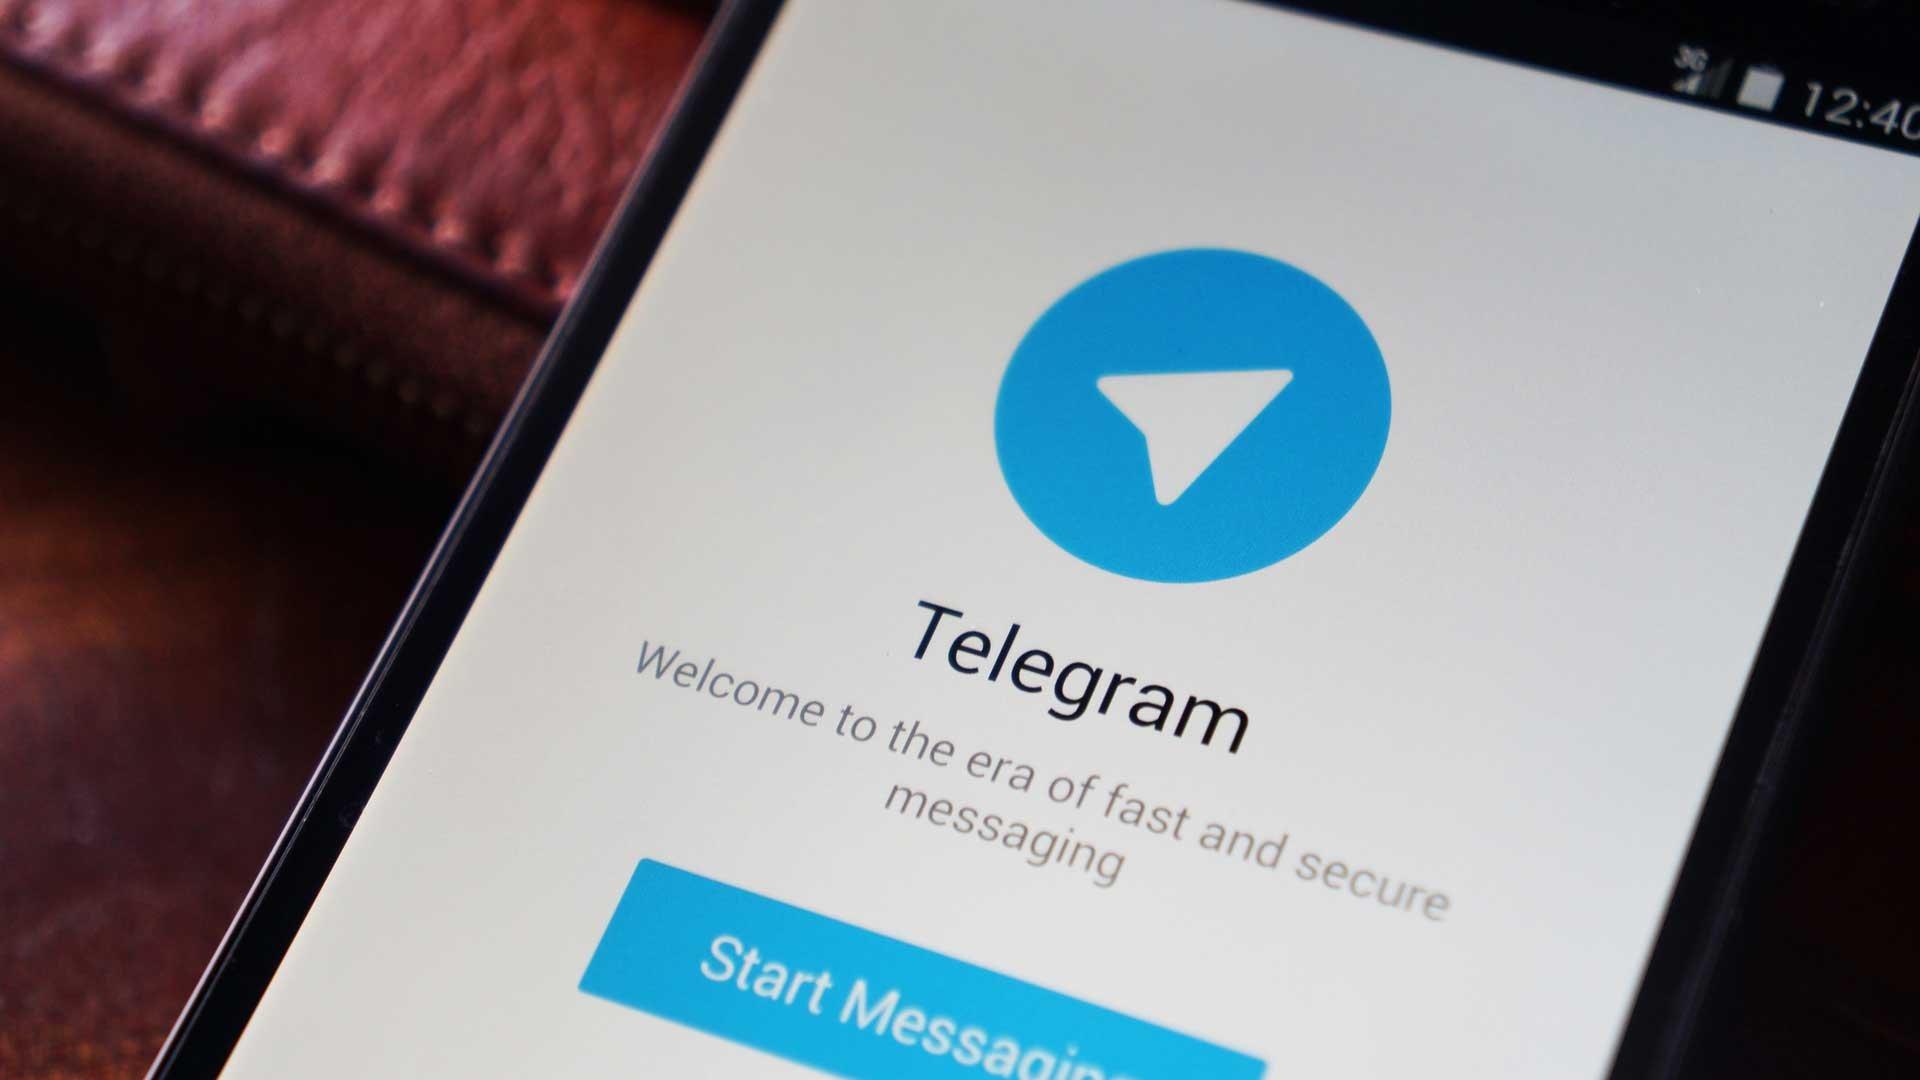 Владельцы больших Telegram-каналов поведали обатаках наихучётные записи